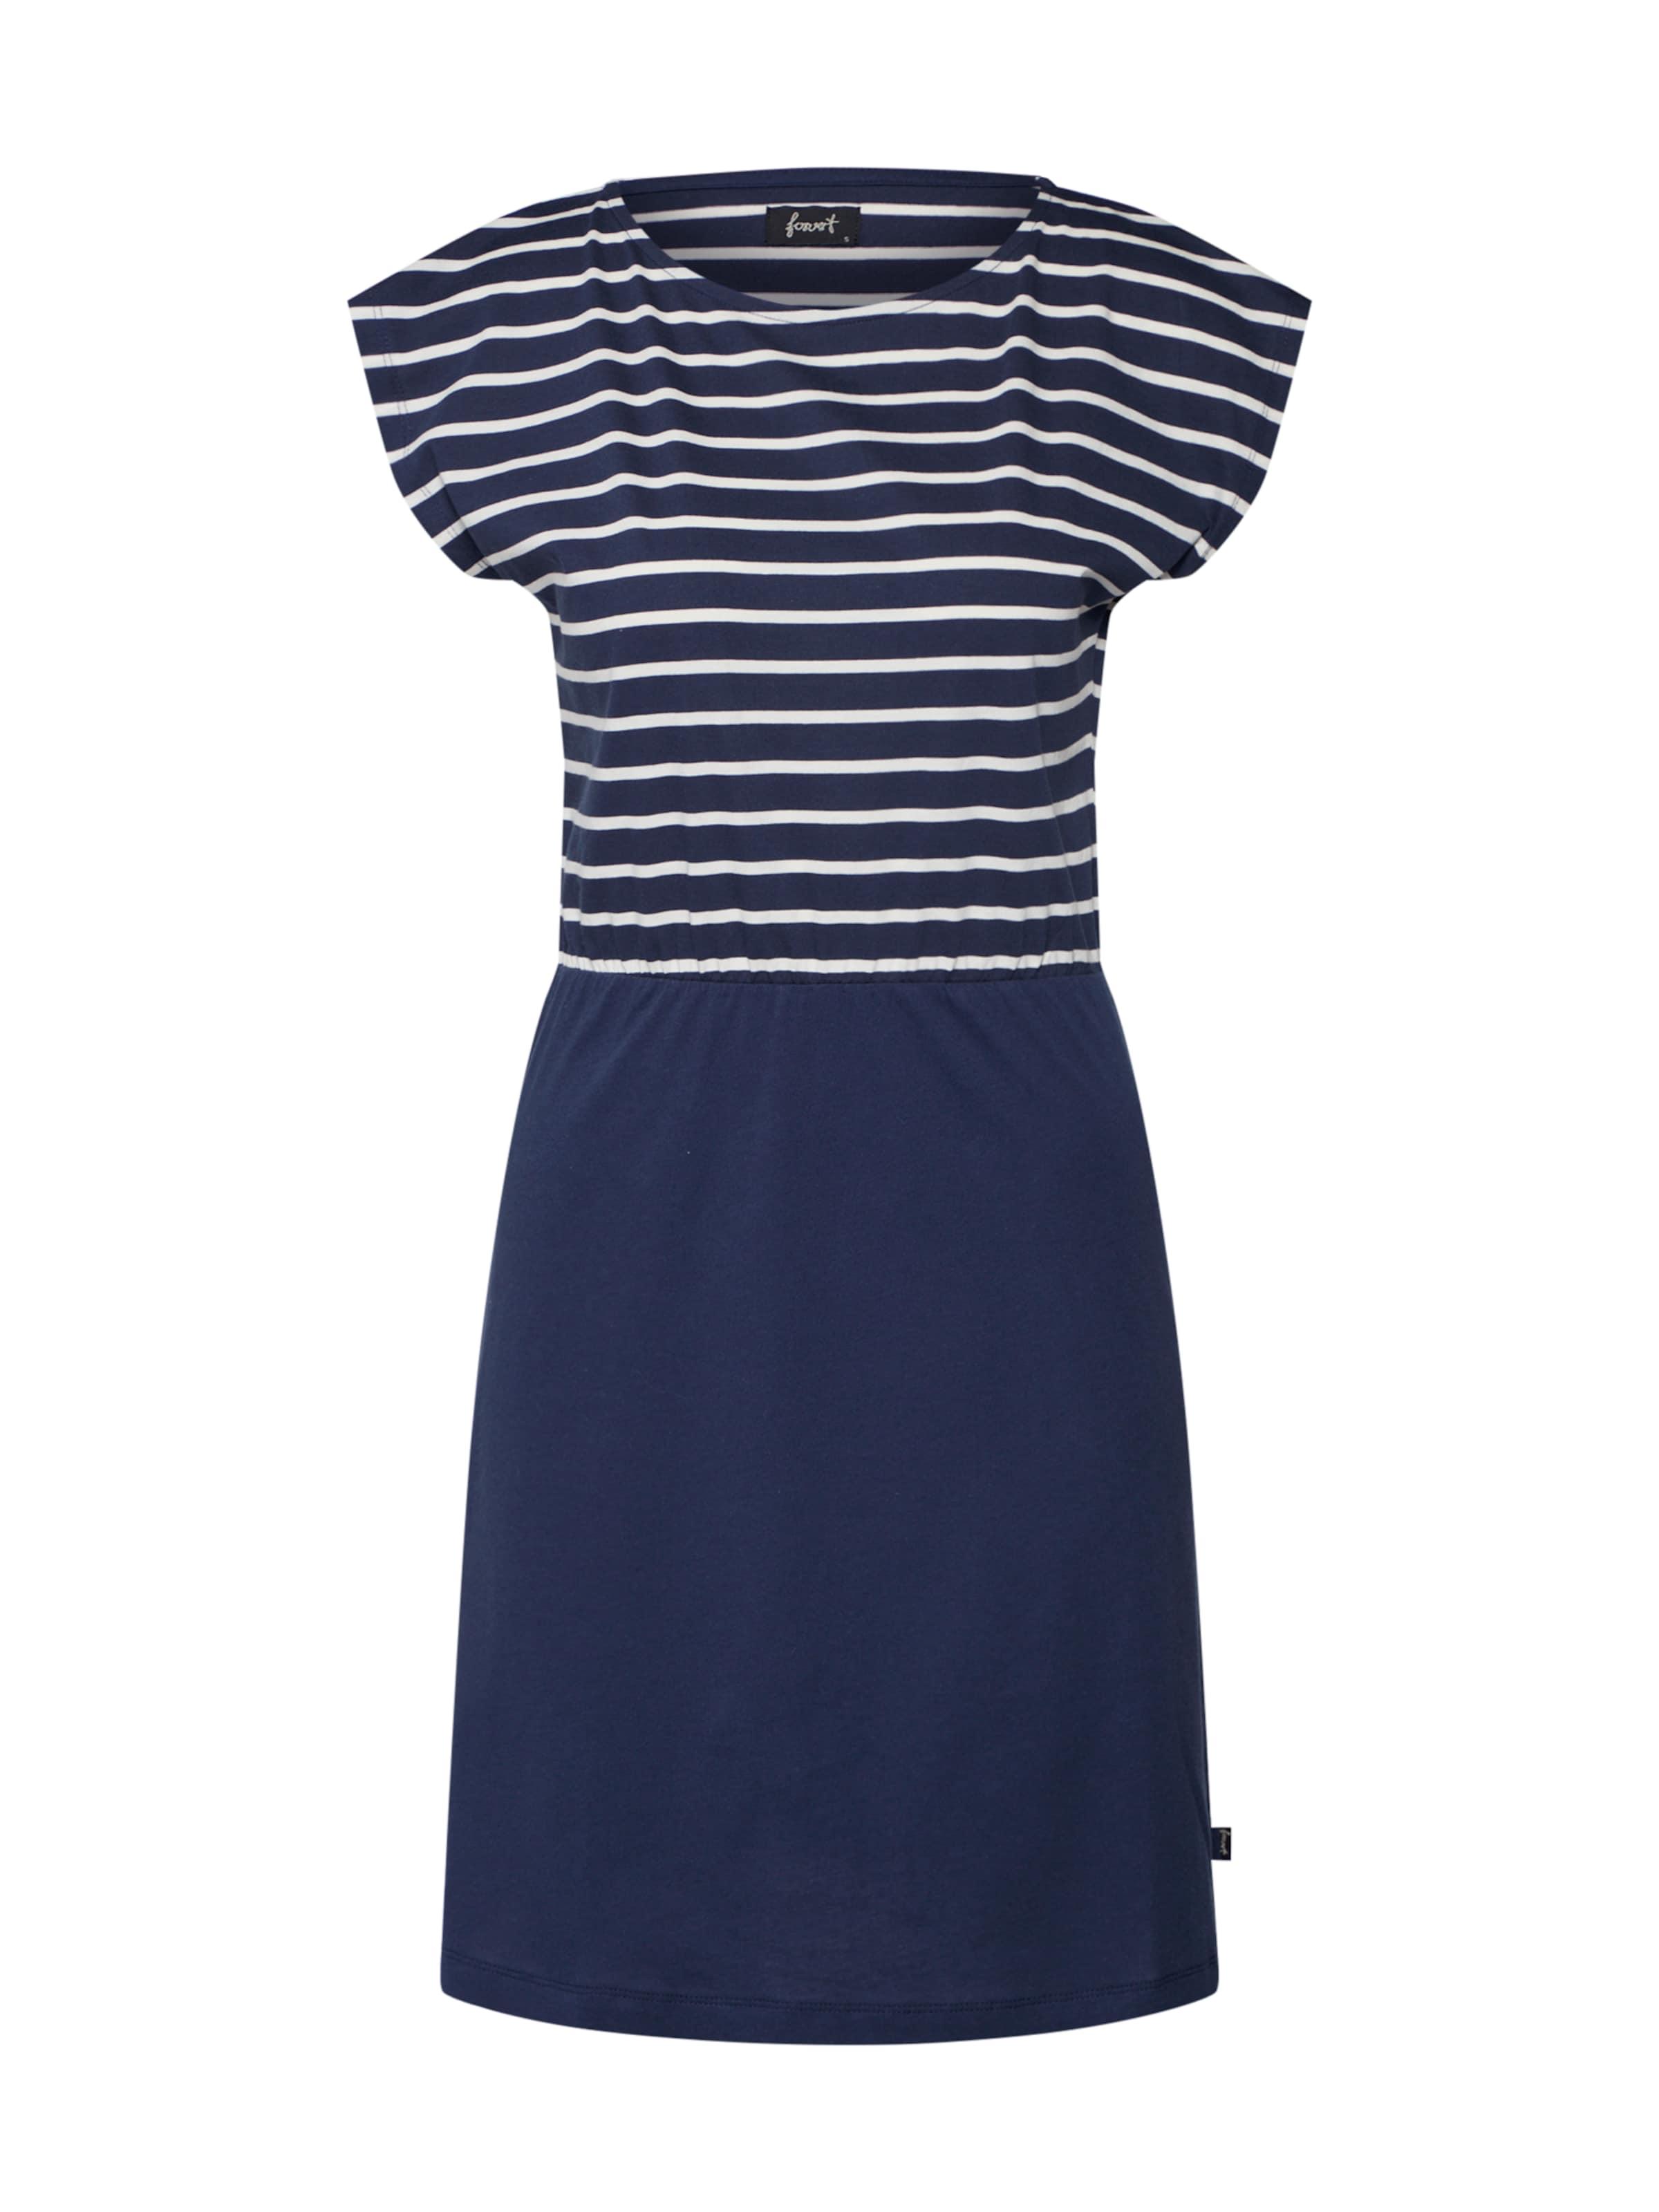 In 'manado' NavyWeiß Kleid Forvert Forvert l1TJFKc